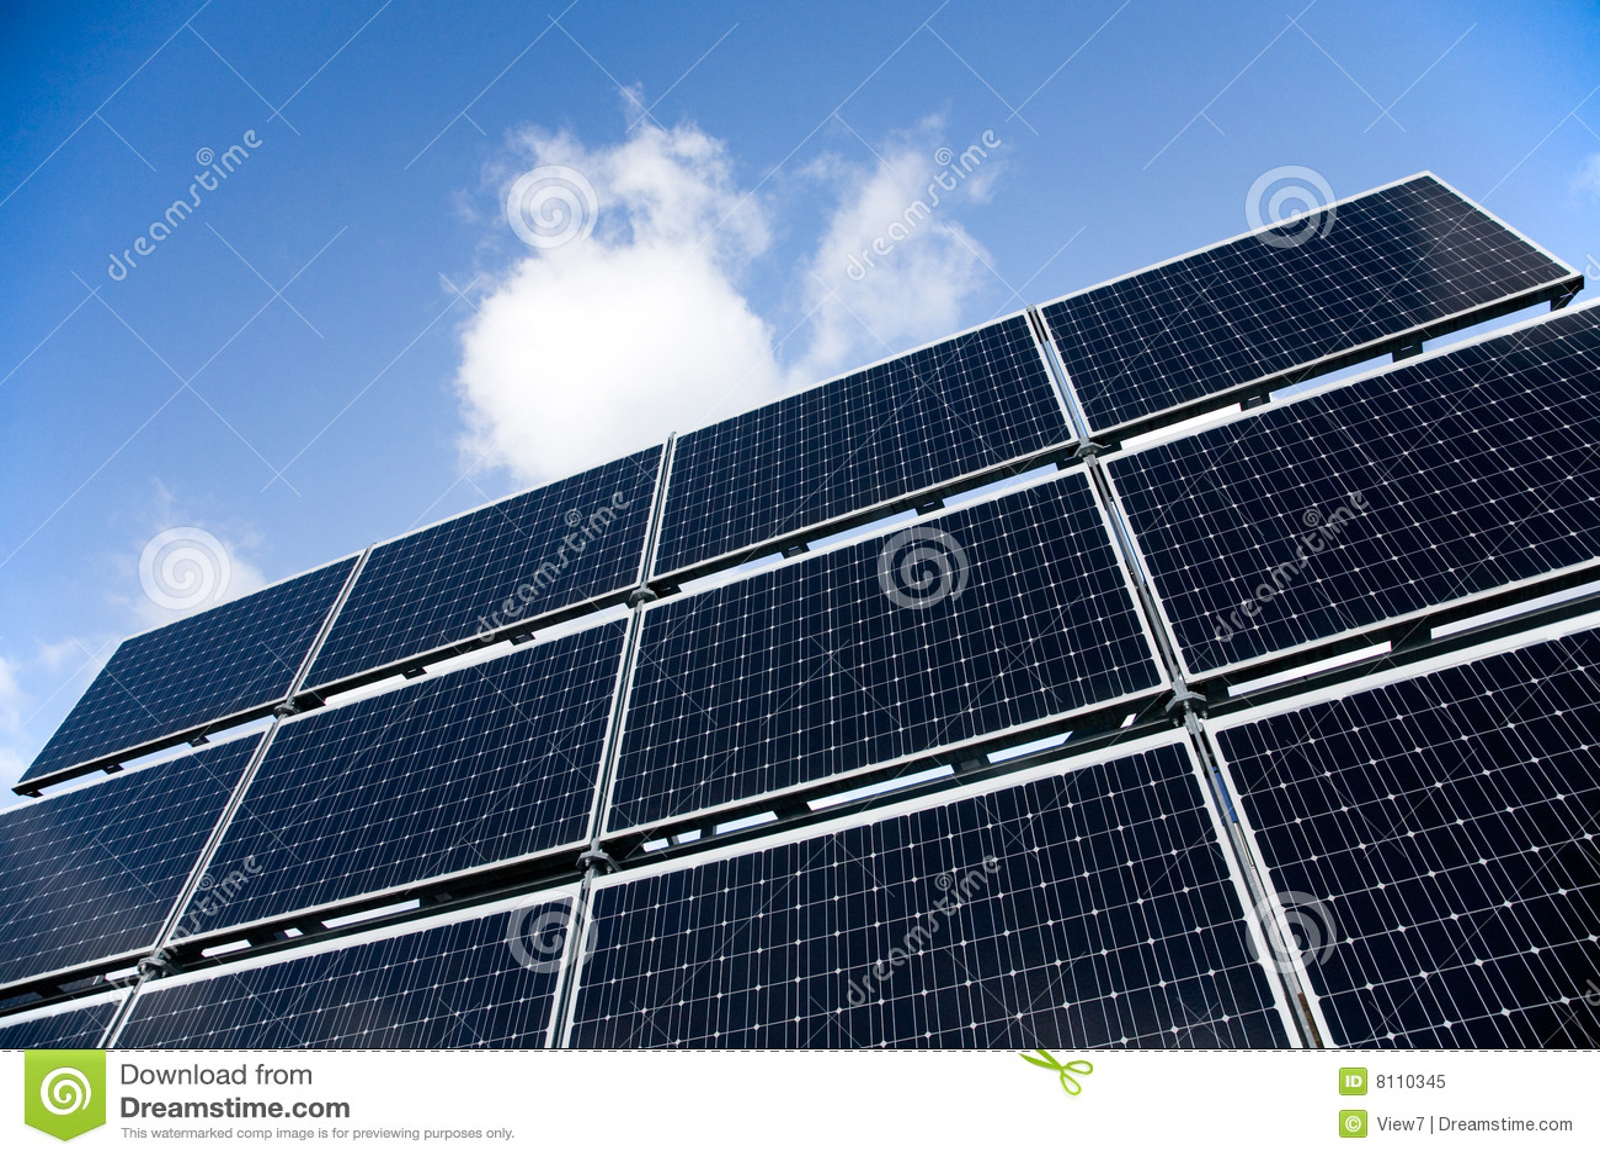 Скачать Eco Technology Flat Icons: Blue Solar Panels. Flat 3d Web Isometric. Modern